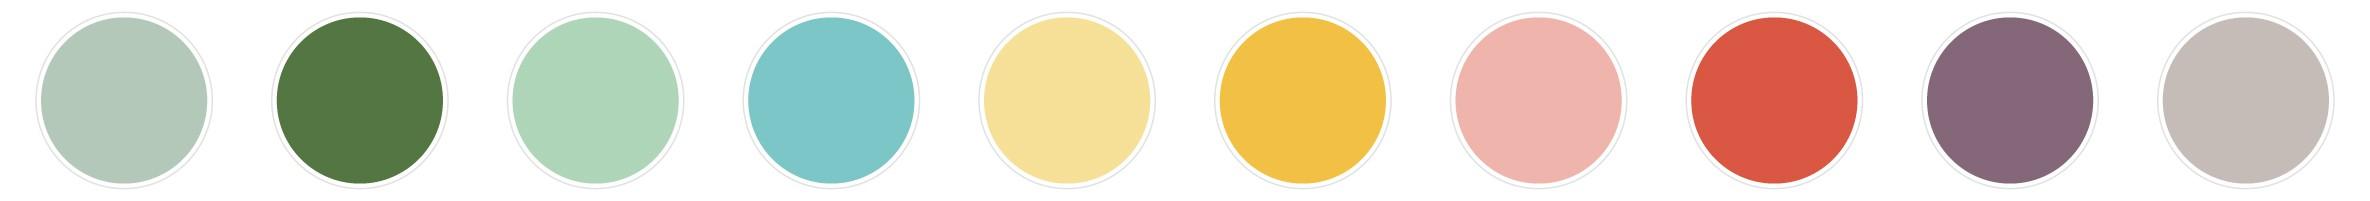 Sc preview colorpalette march18 desktop